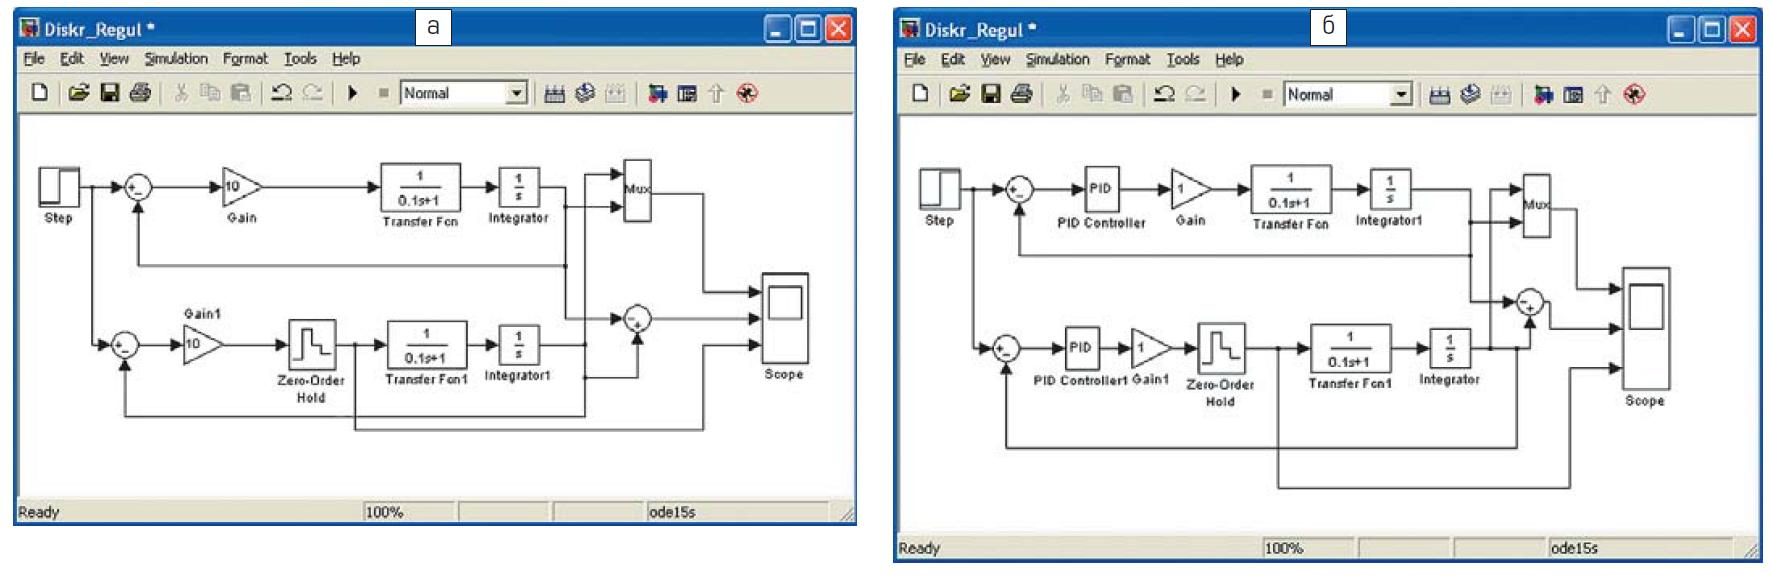 Функциональная модель системы с аналоговым и цифровым управлением и PID-регуляторами